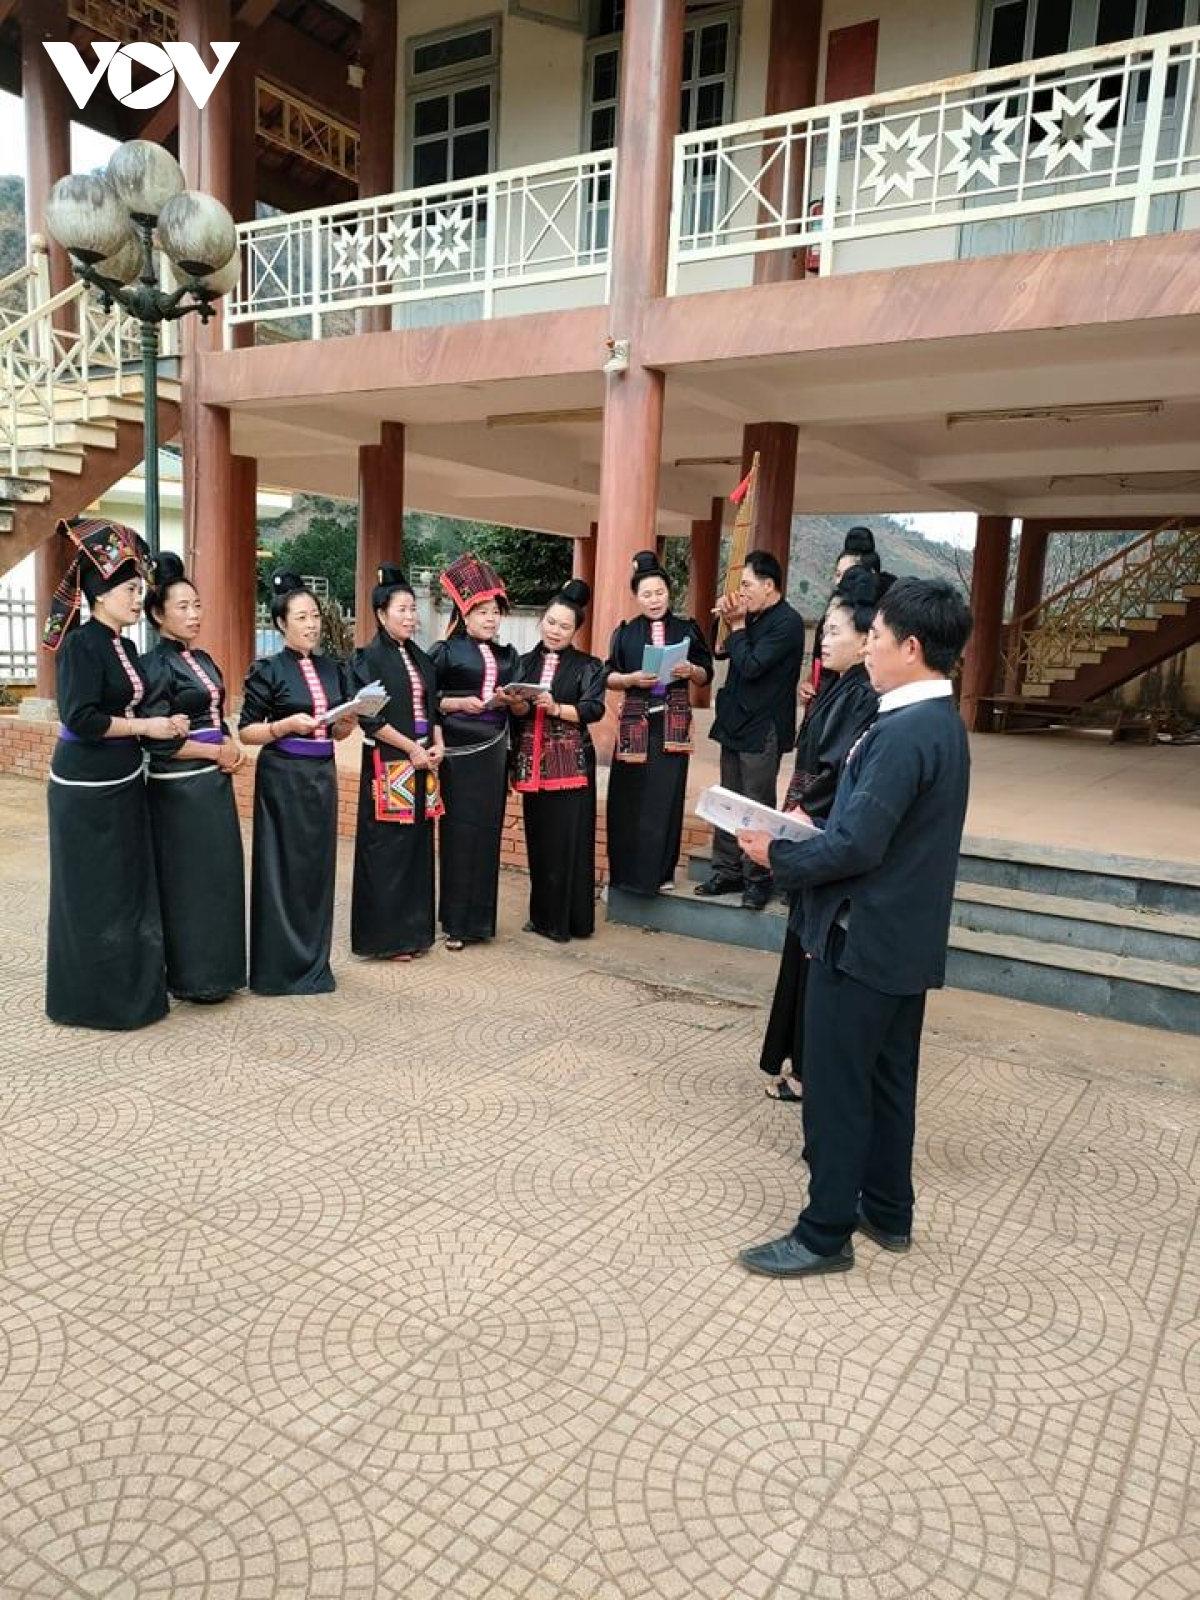 Câu lạc bộ bảo tồn văn hóa Thái bản Hìn thường xuyên luyện tập các điệu mùa xòe cổ, các điệu khắp Thái.